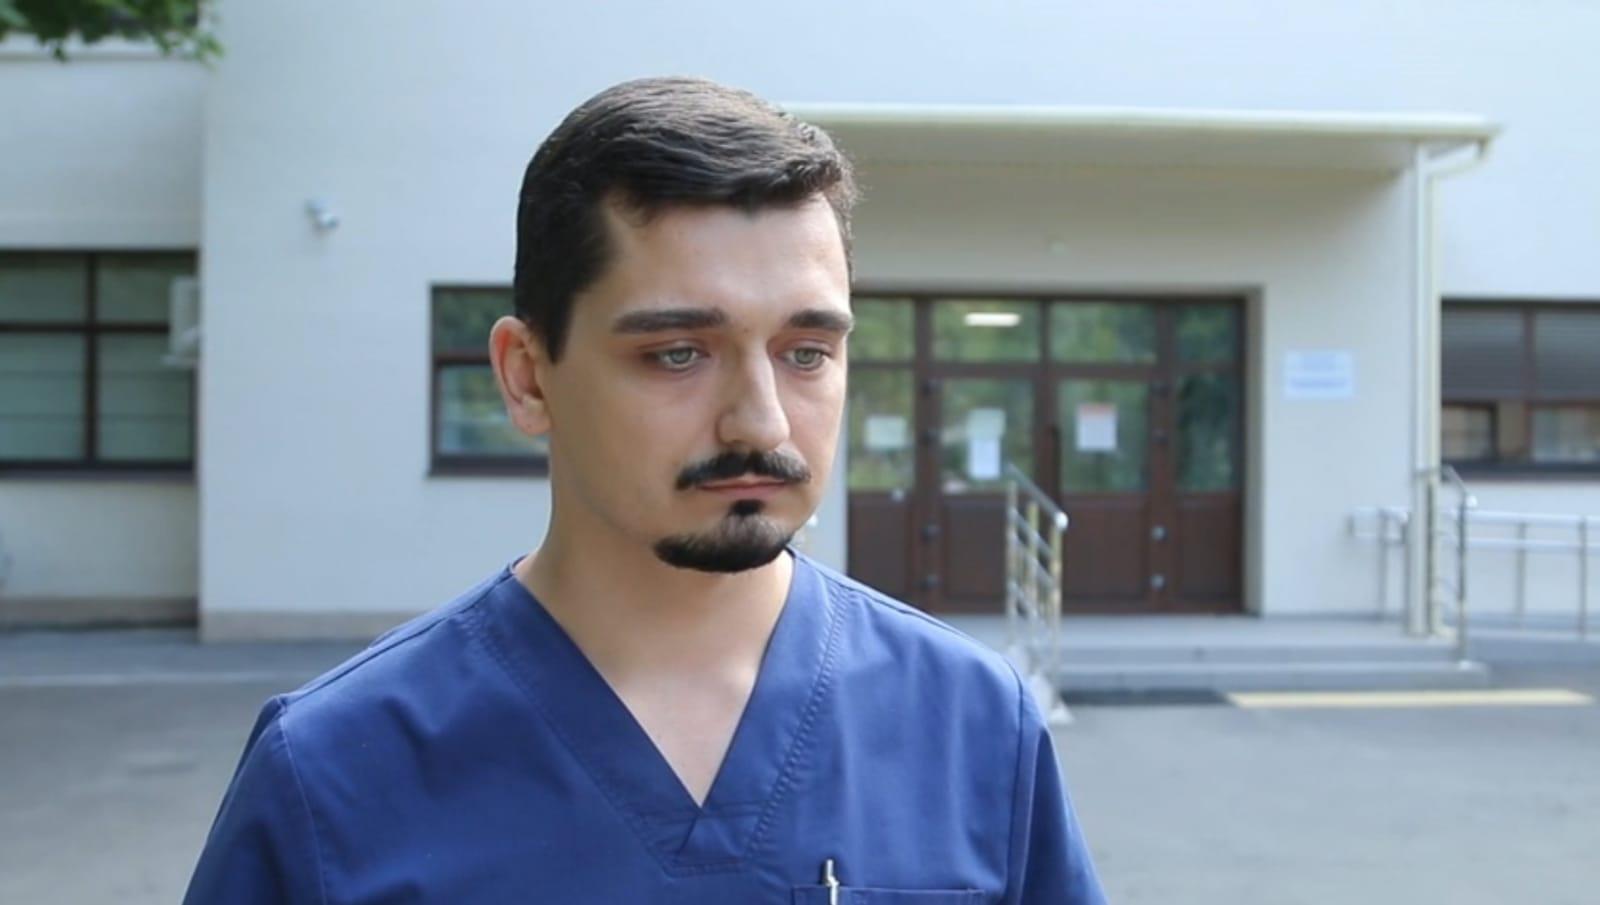 Начальник моноинфекционного госпиталя ответил на вопросы о распространении COVID